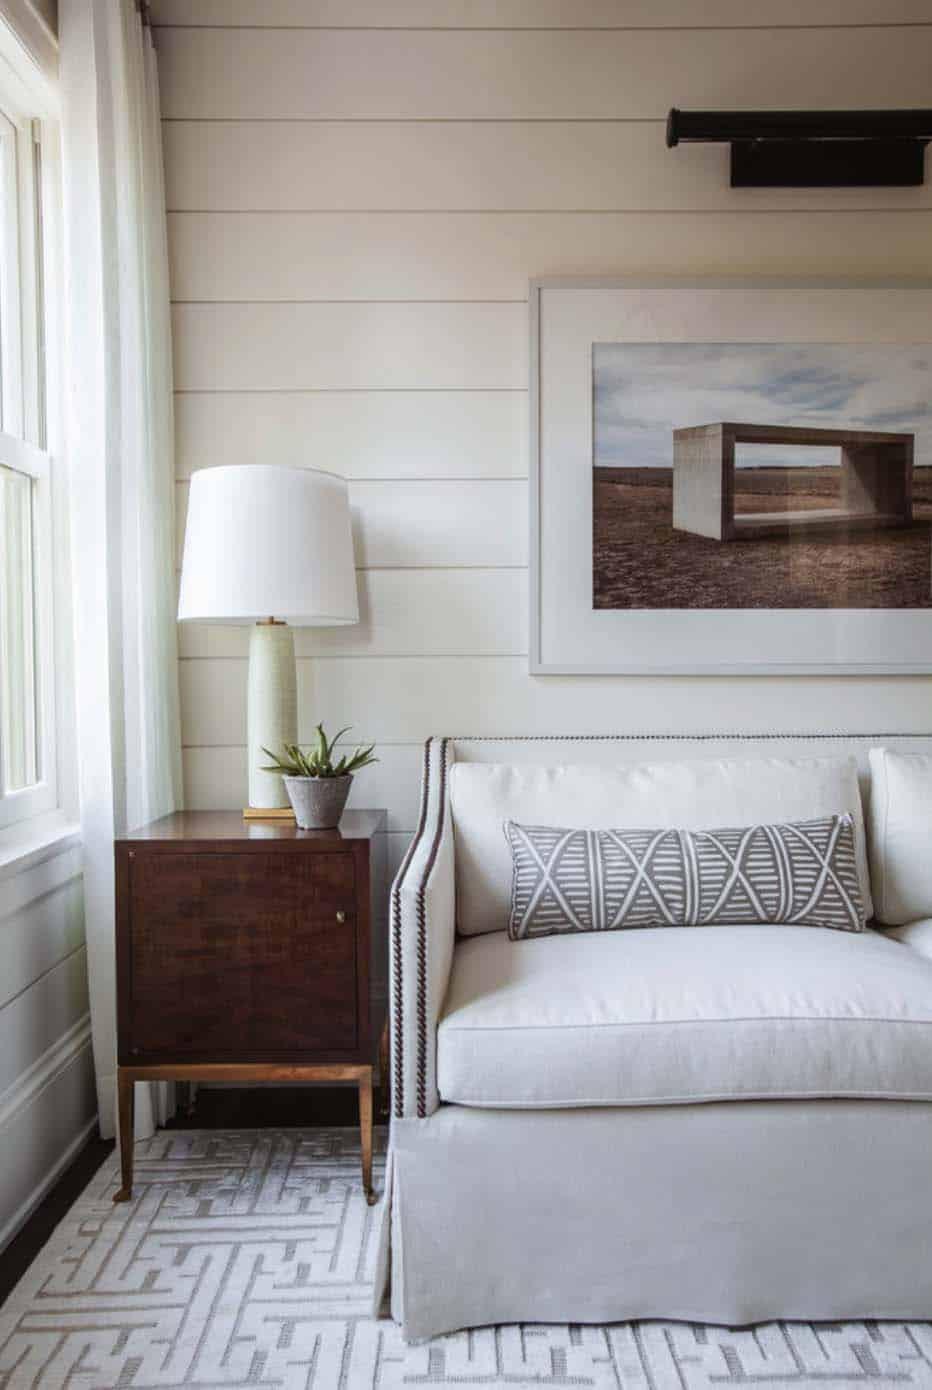 Maison d'hôtes de style cottage-Marie Flanigan Interiors-20-1 Kindesign